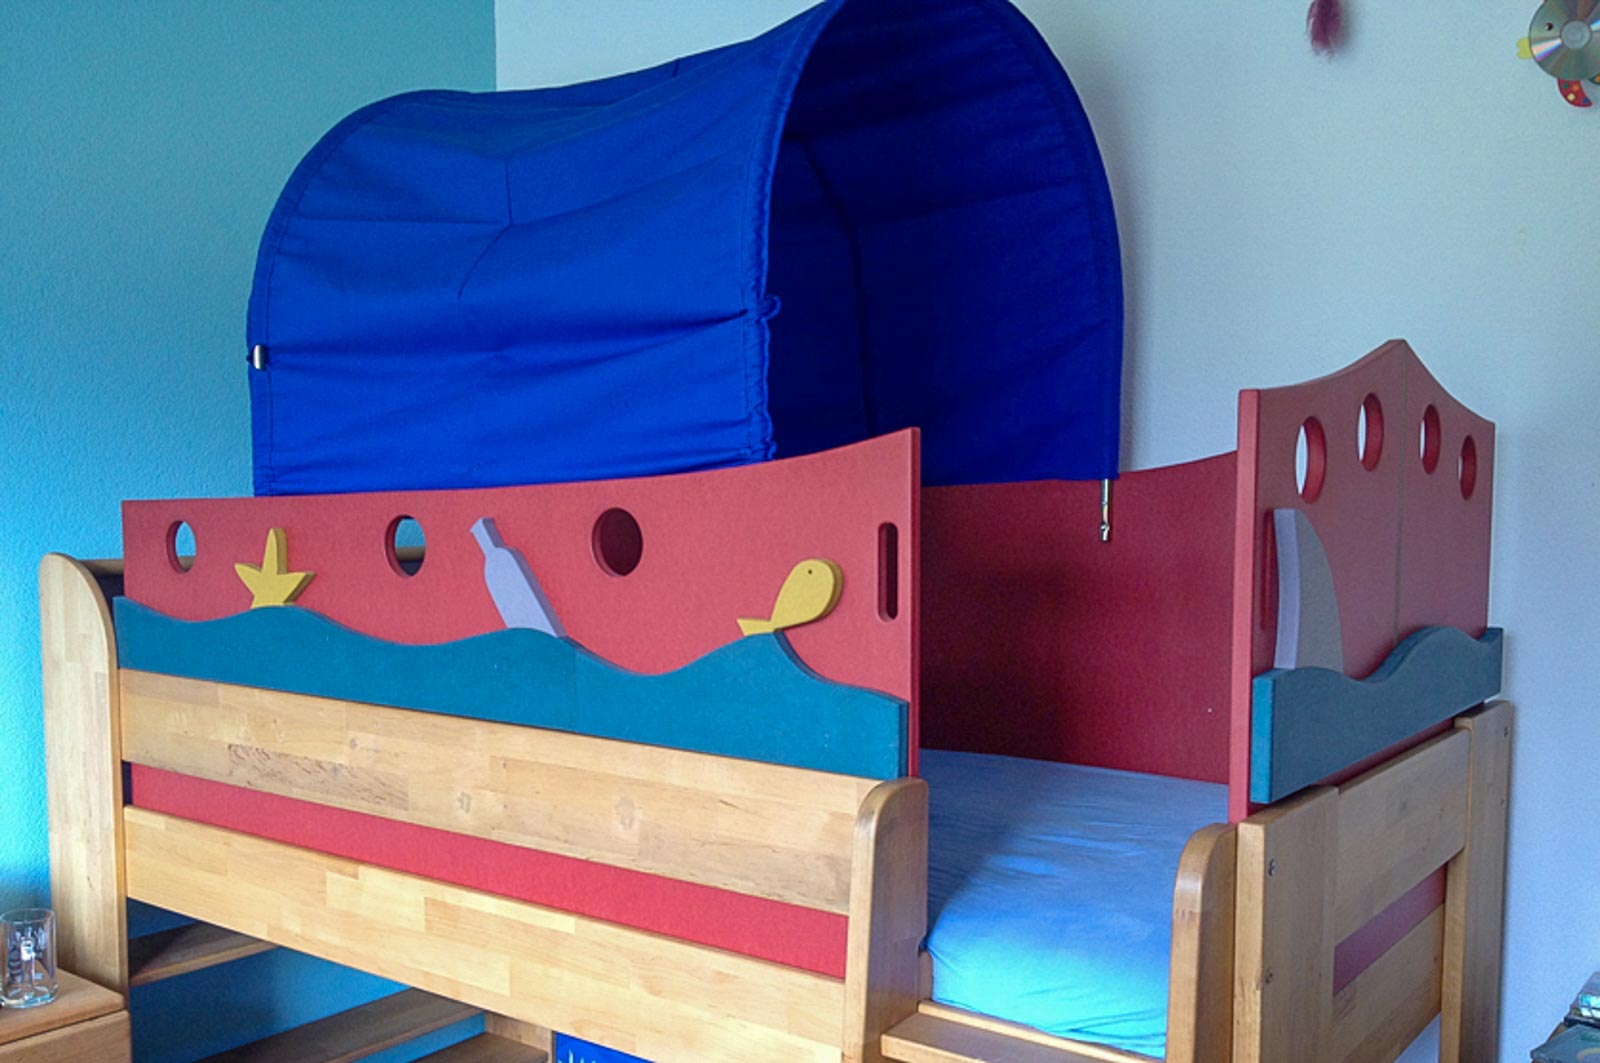 Wooddesign_Kinderzimmer_Kinderbett_Spielzimmer_Schreibtisch-Verstauraum_ Schubladen_Pinwand_Bücherregal (29)